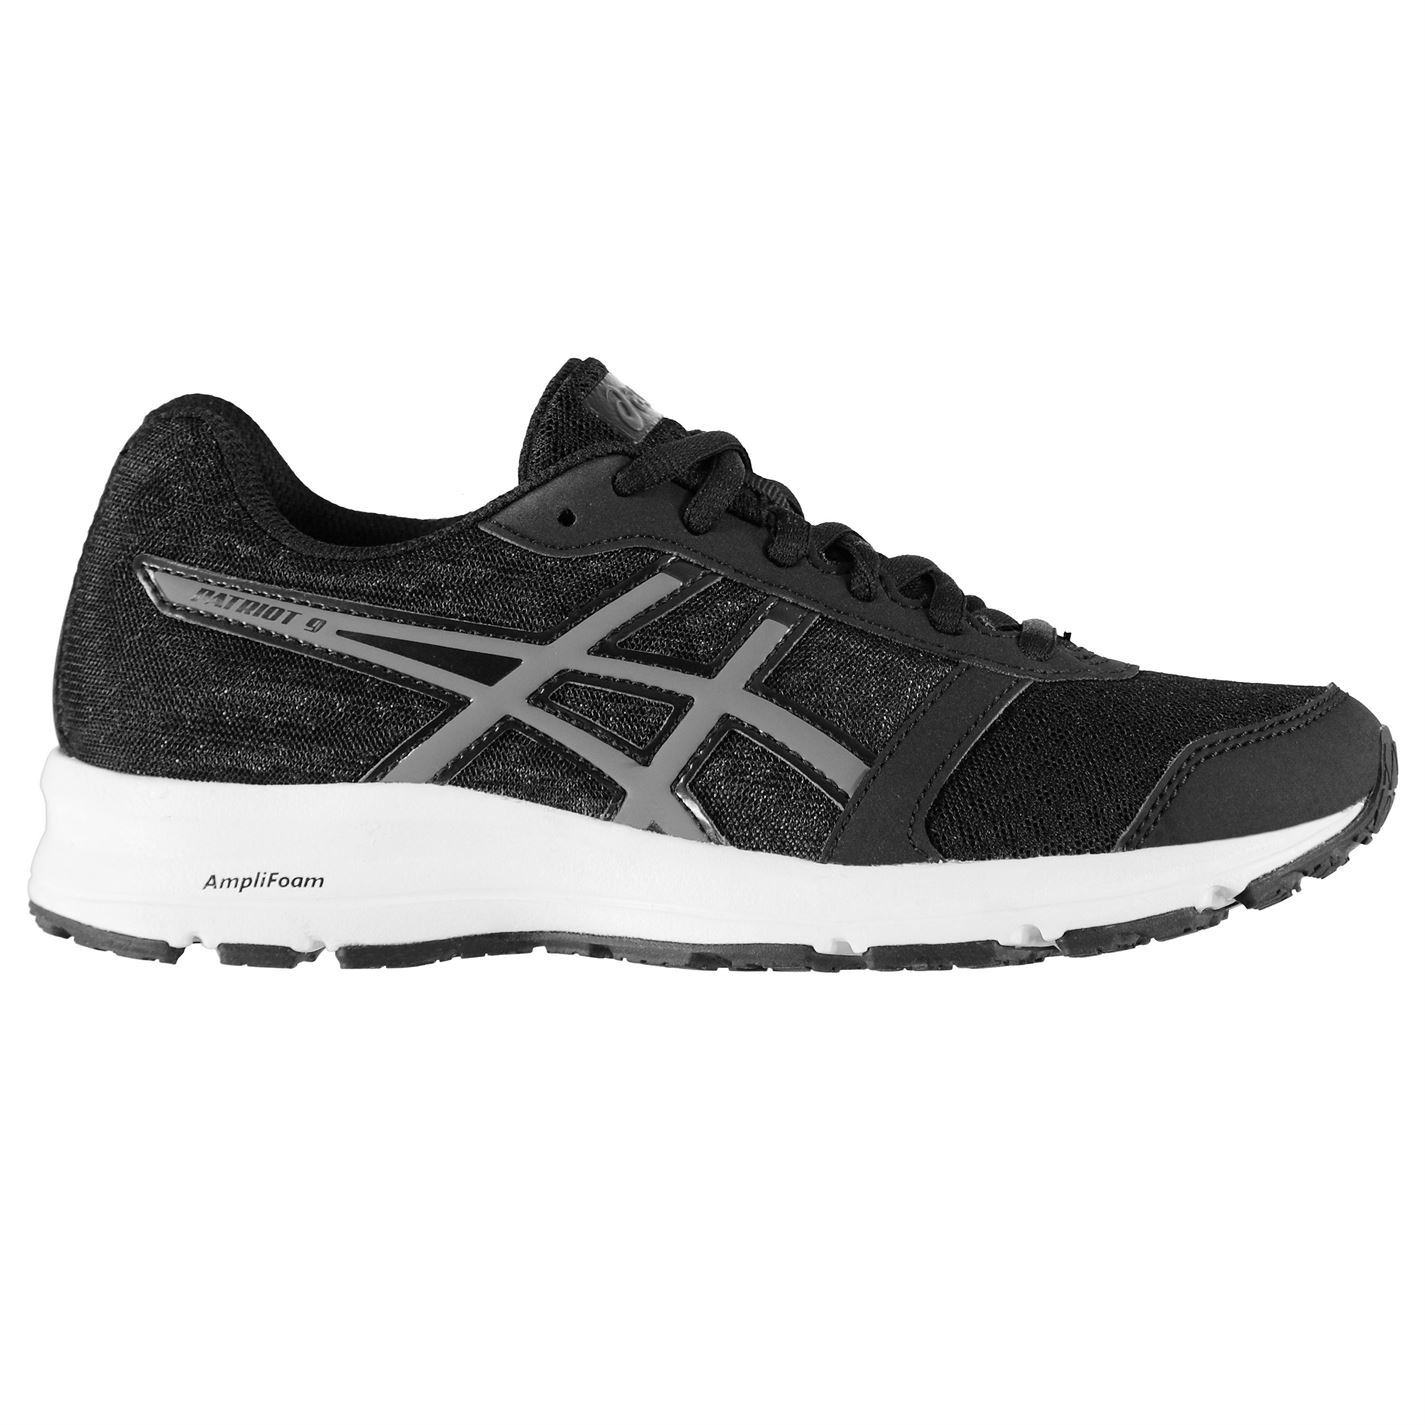 6b242cb9929 ... Asics Gel patriota 9 zapatillas mujer negro zapatillas zapatillas de  Jogging ...